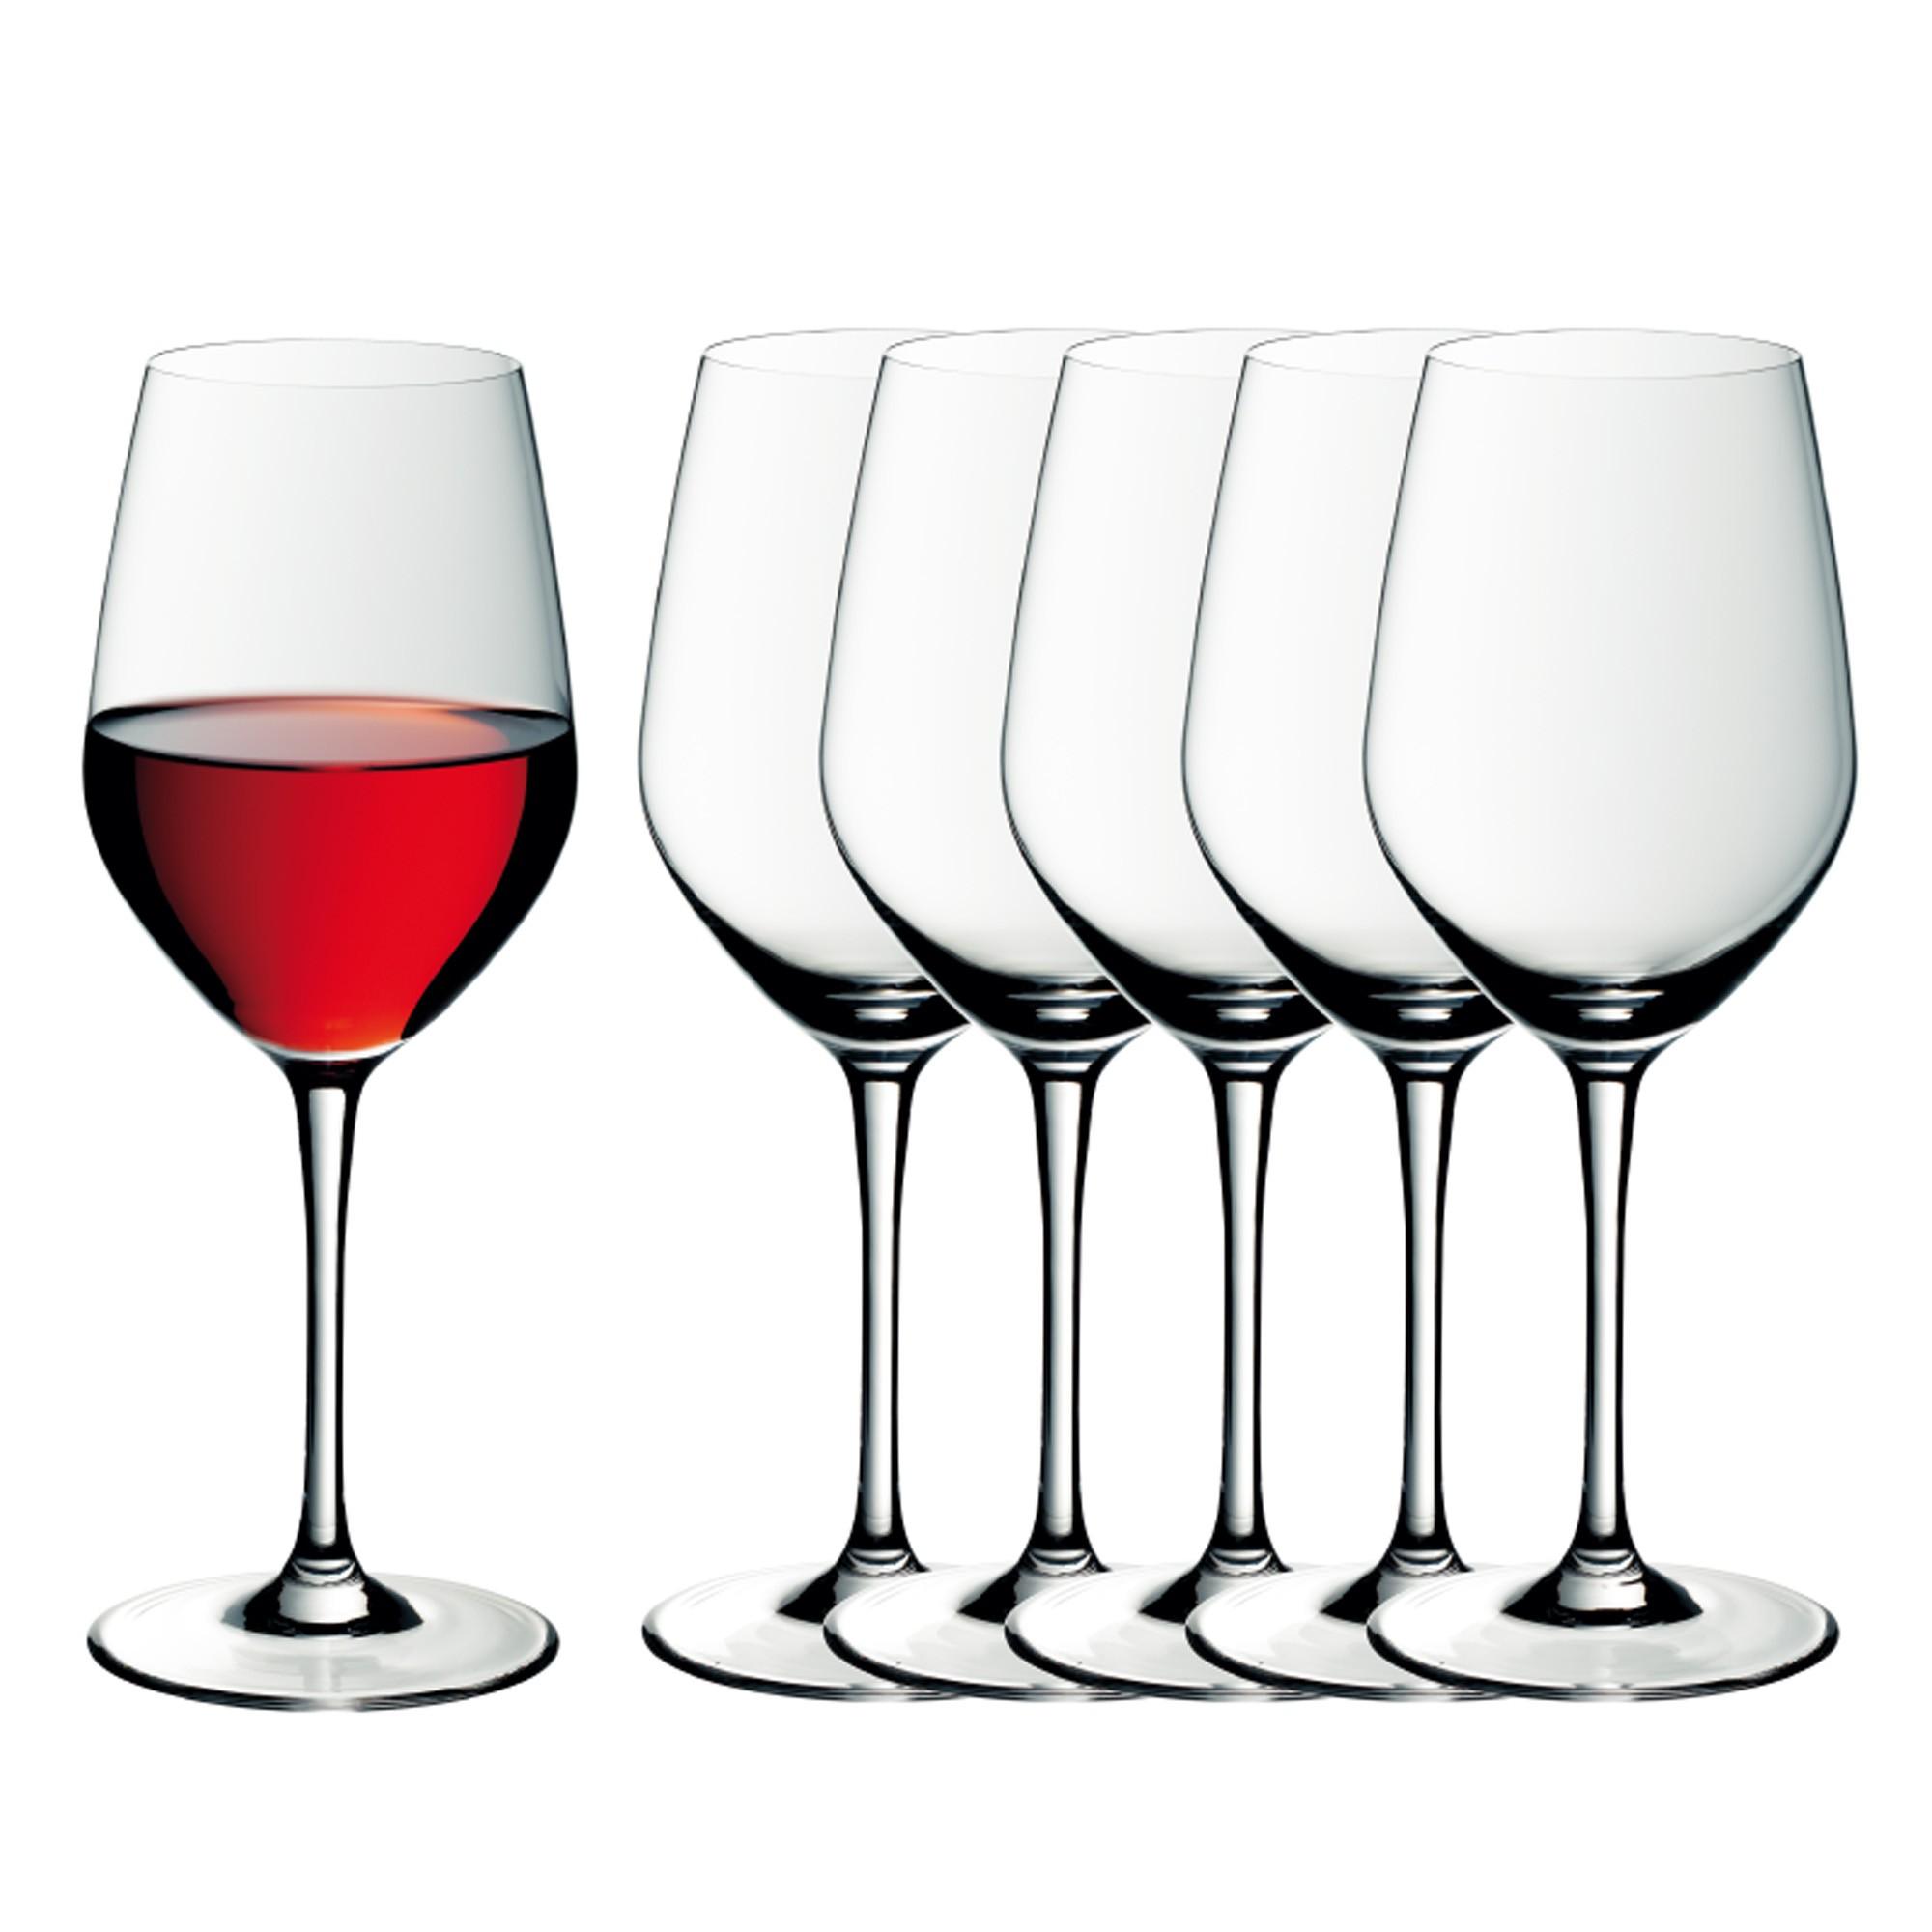 Choisir un vin primeur qui se conserve